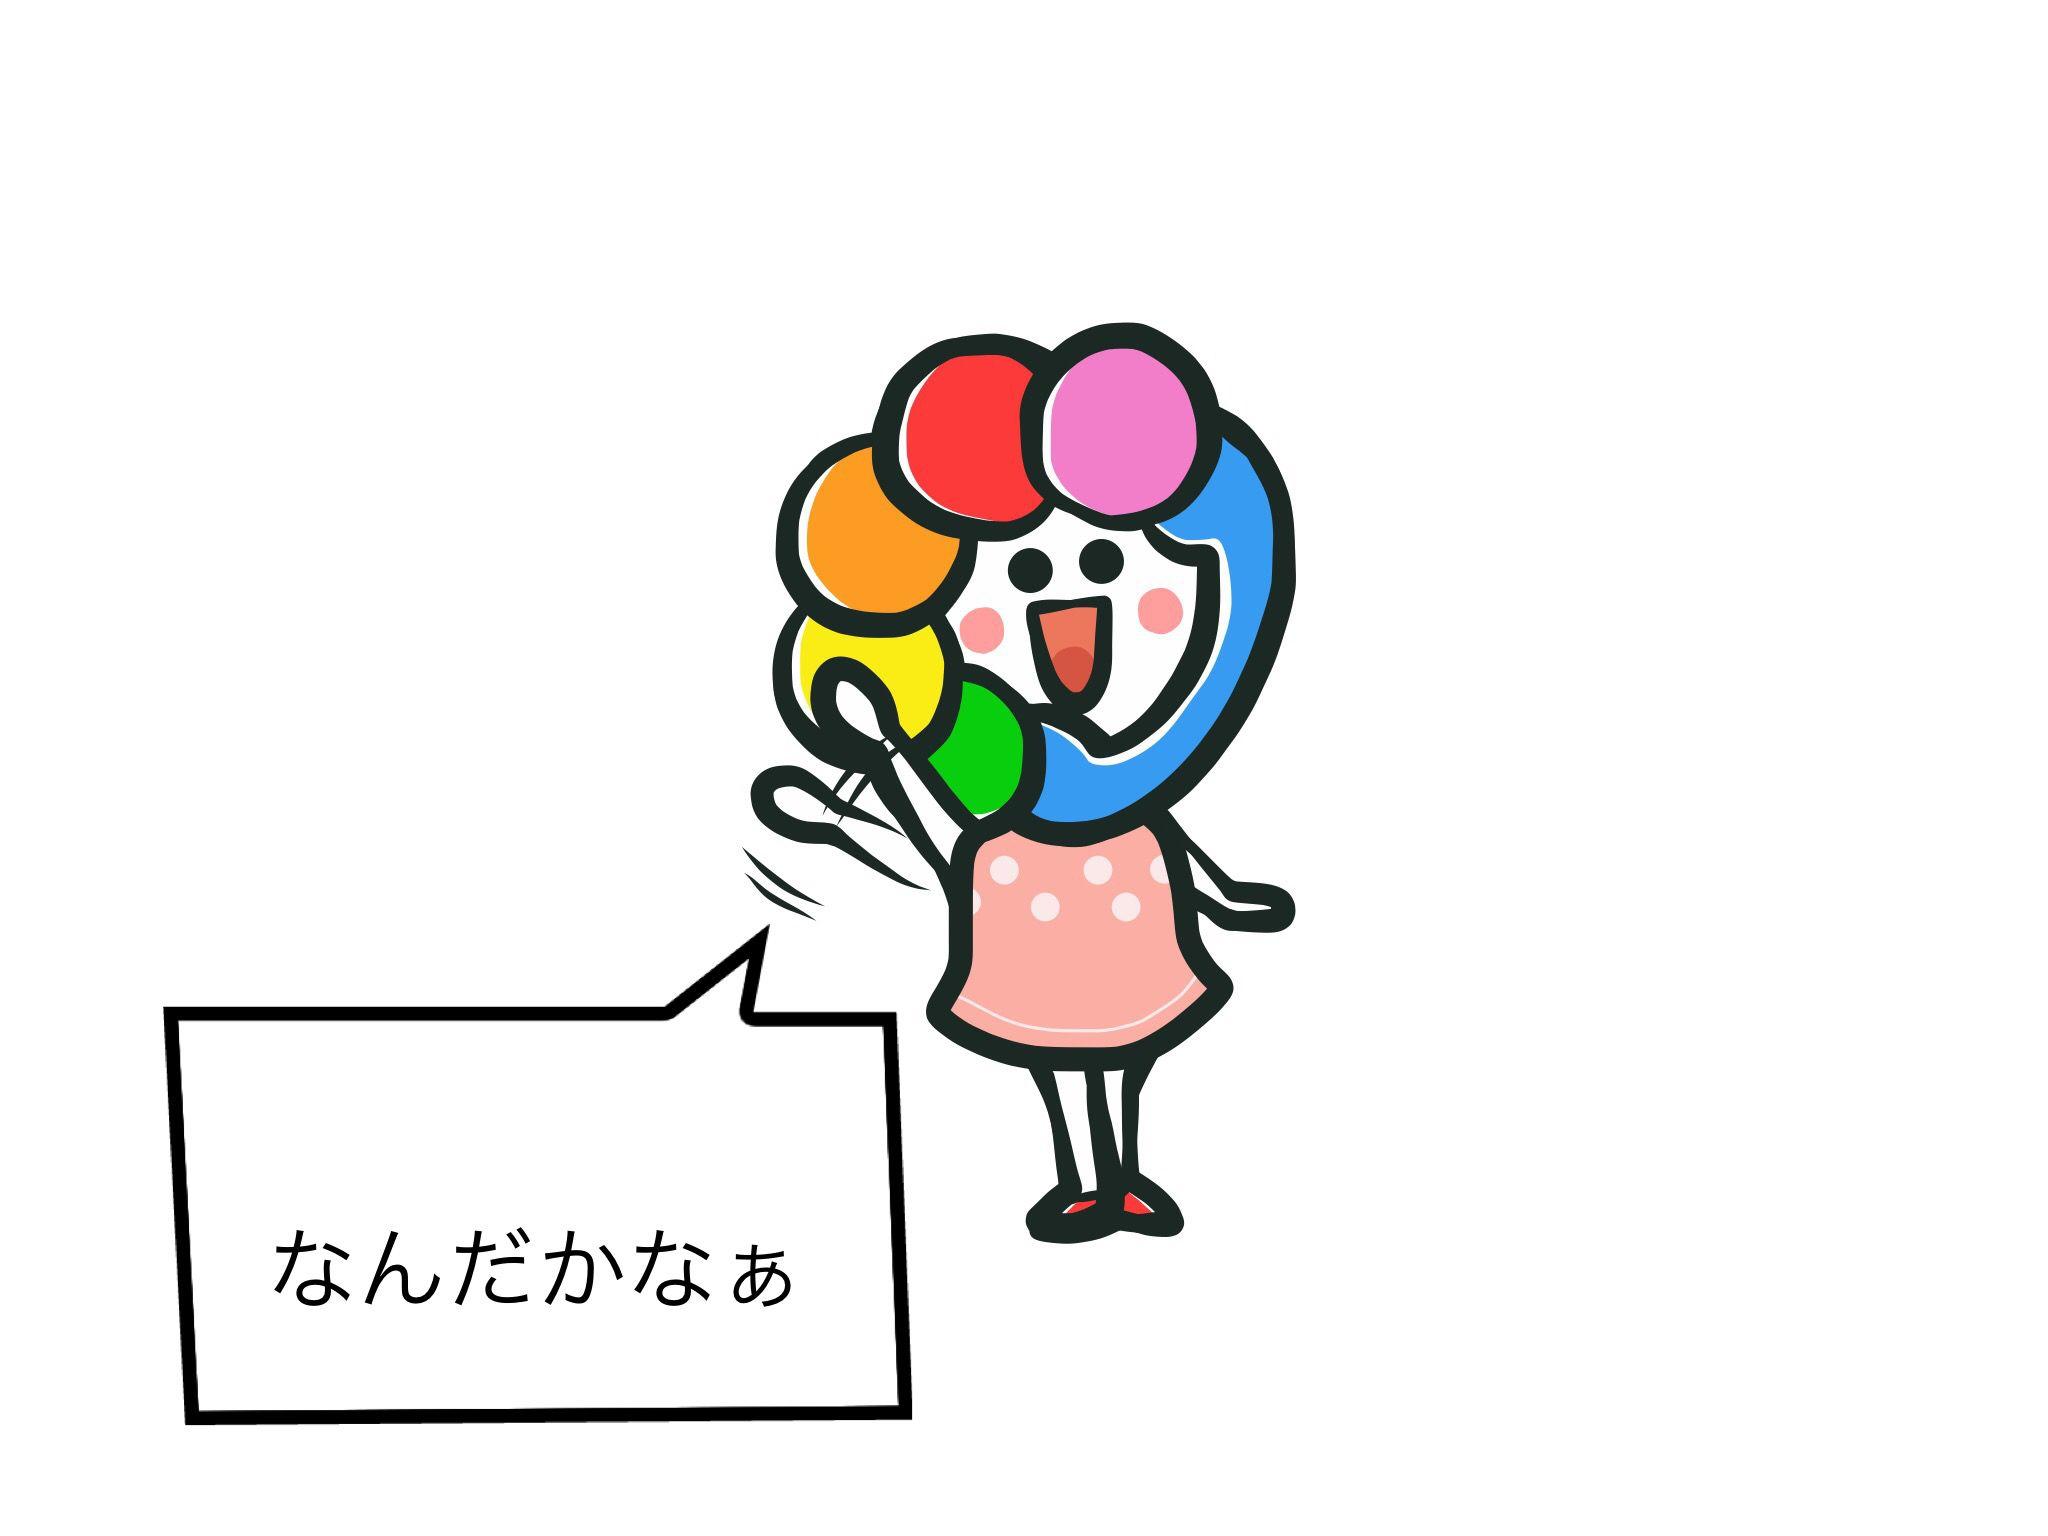 ふきだしツクール LITE ~Talking Bird~